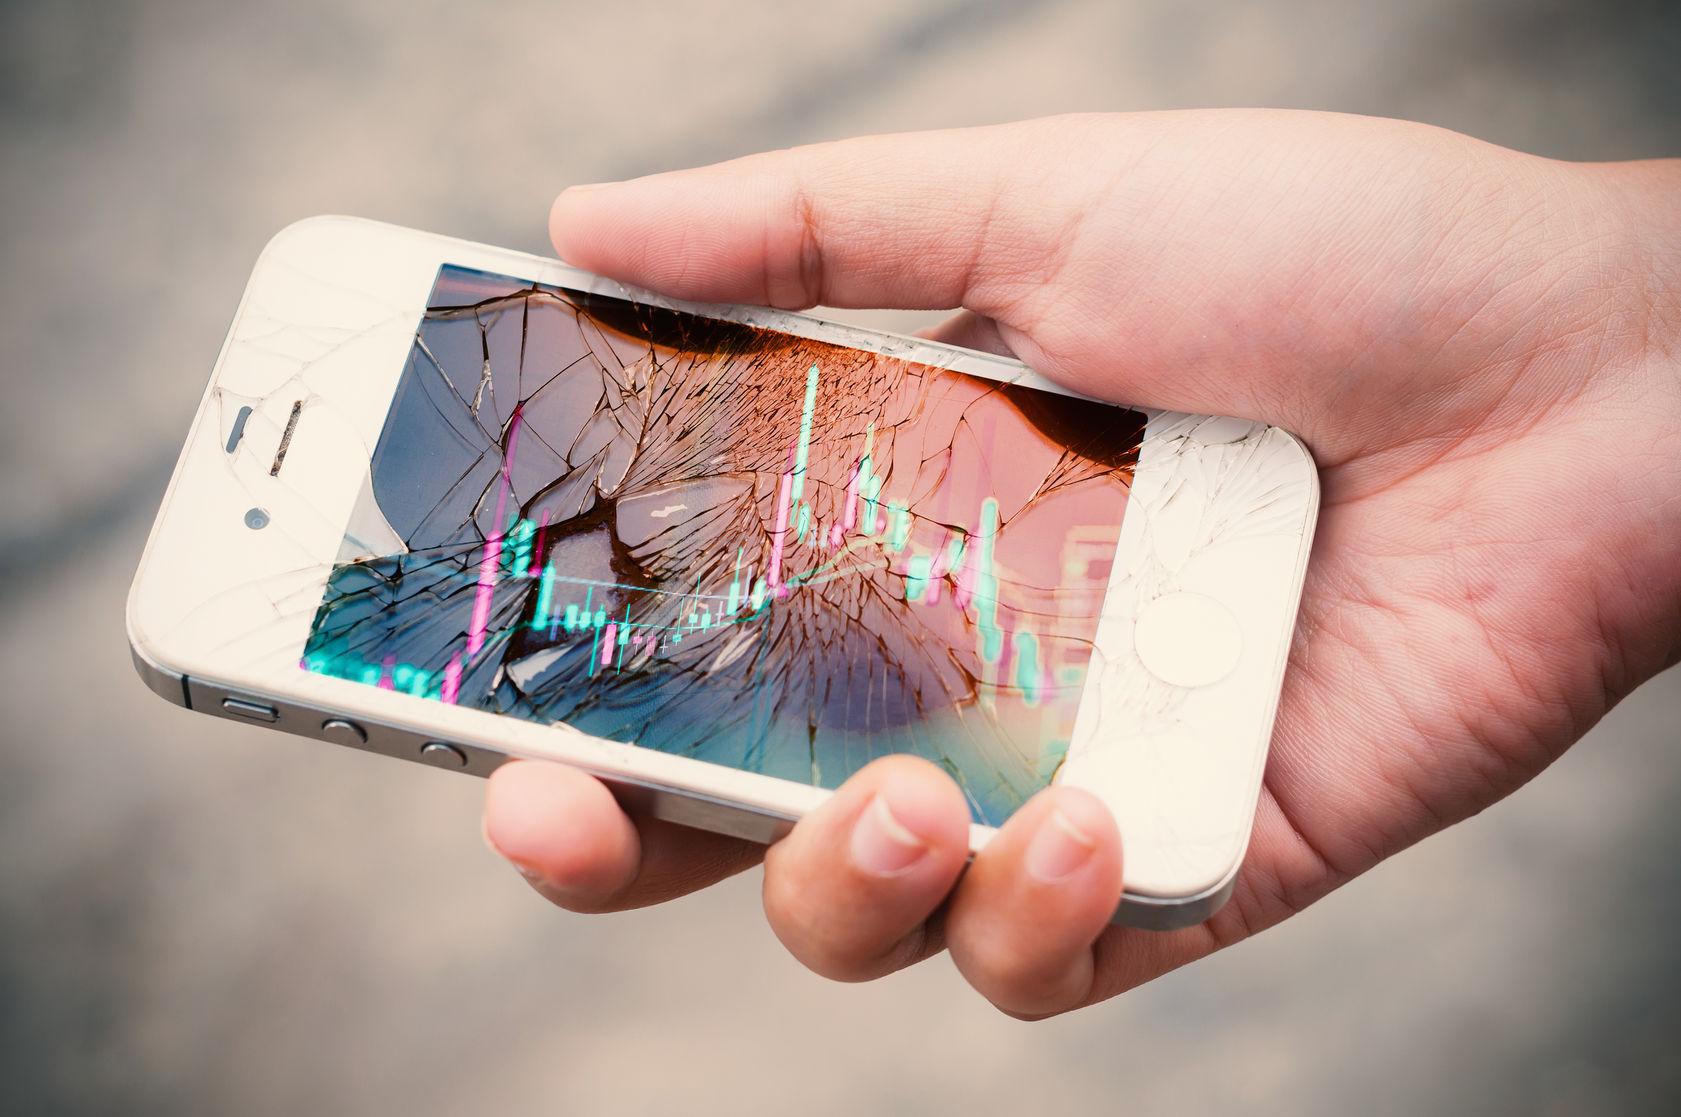 Wat een kapot telefoonscherm met je gezondheid doet